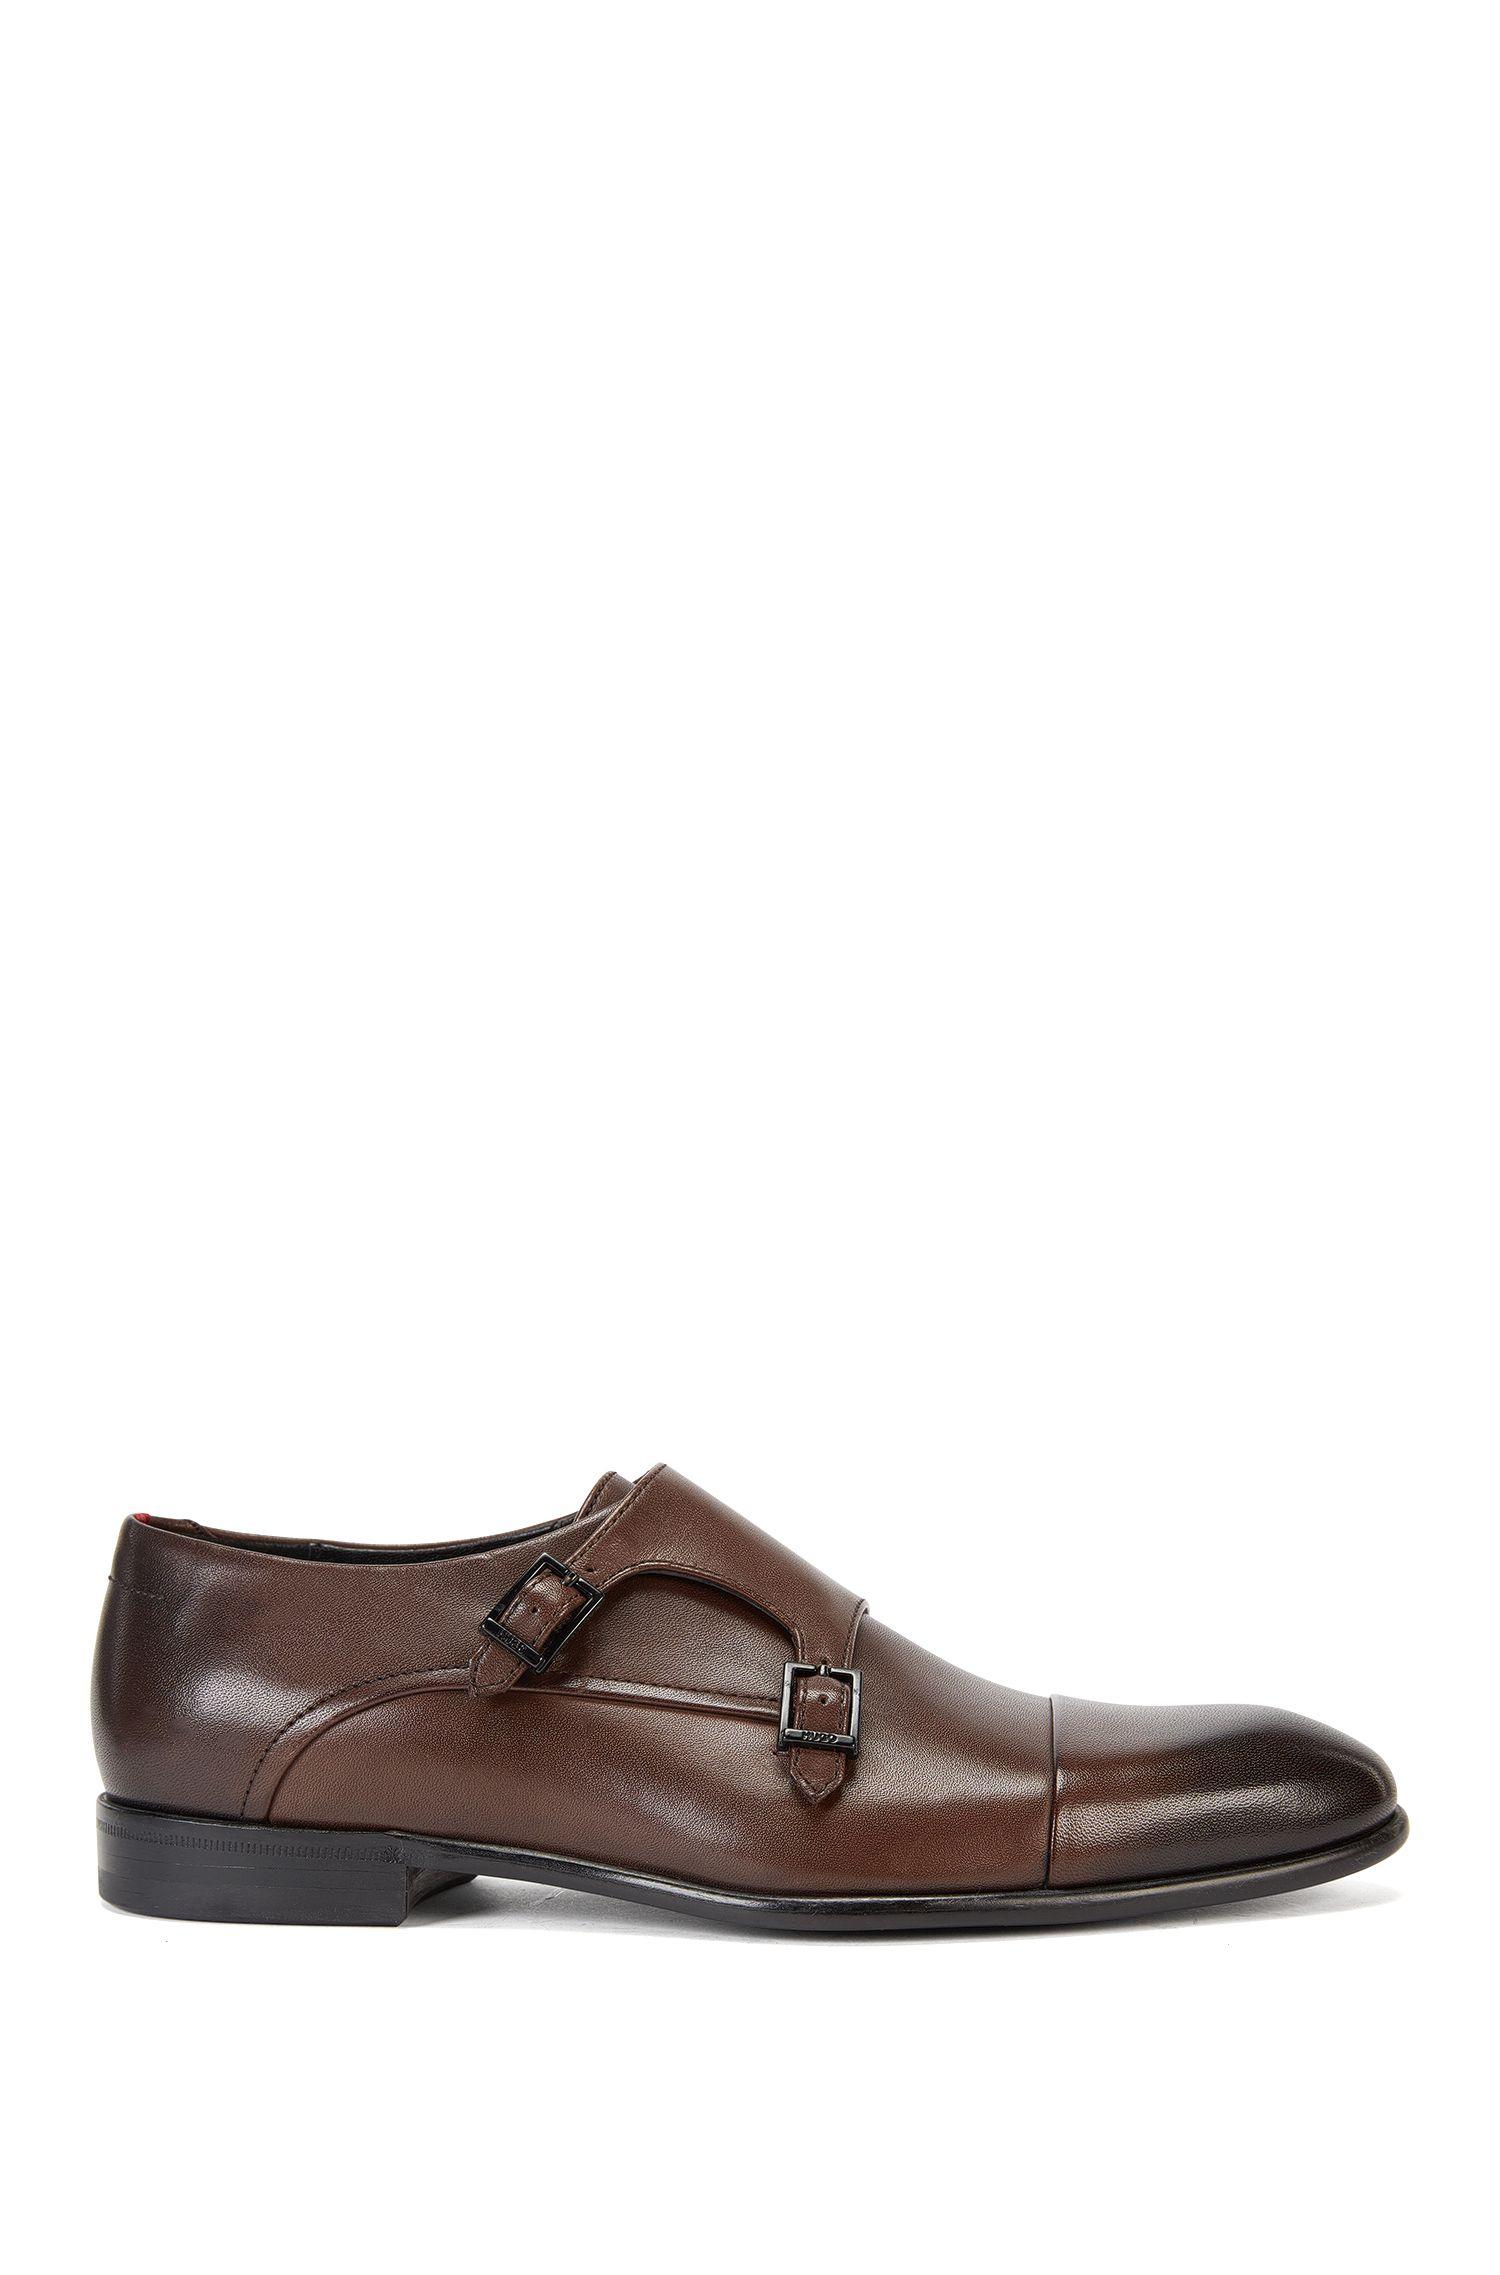 Zapatos con hebilla doble en piel pulida